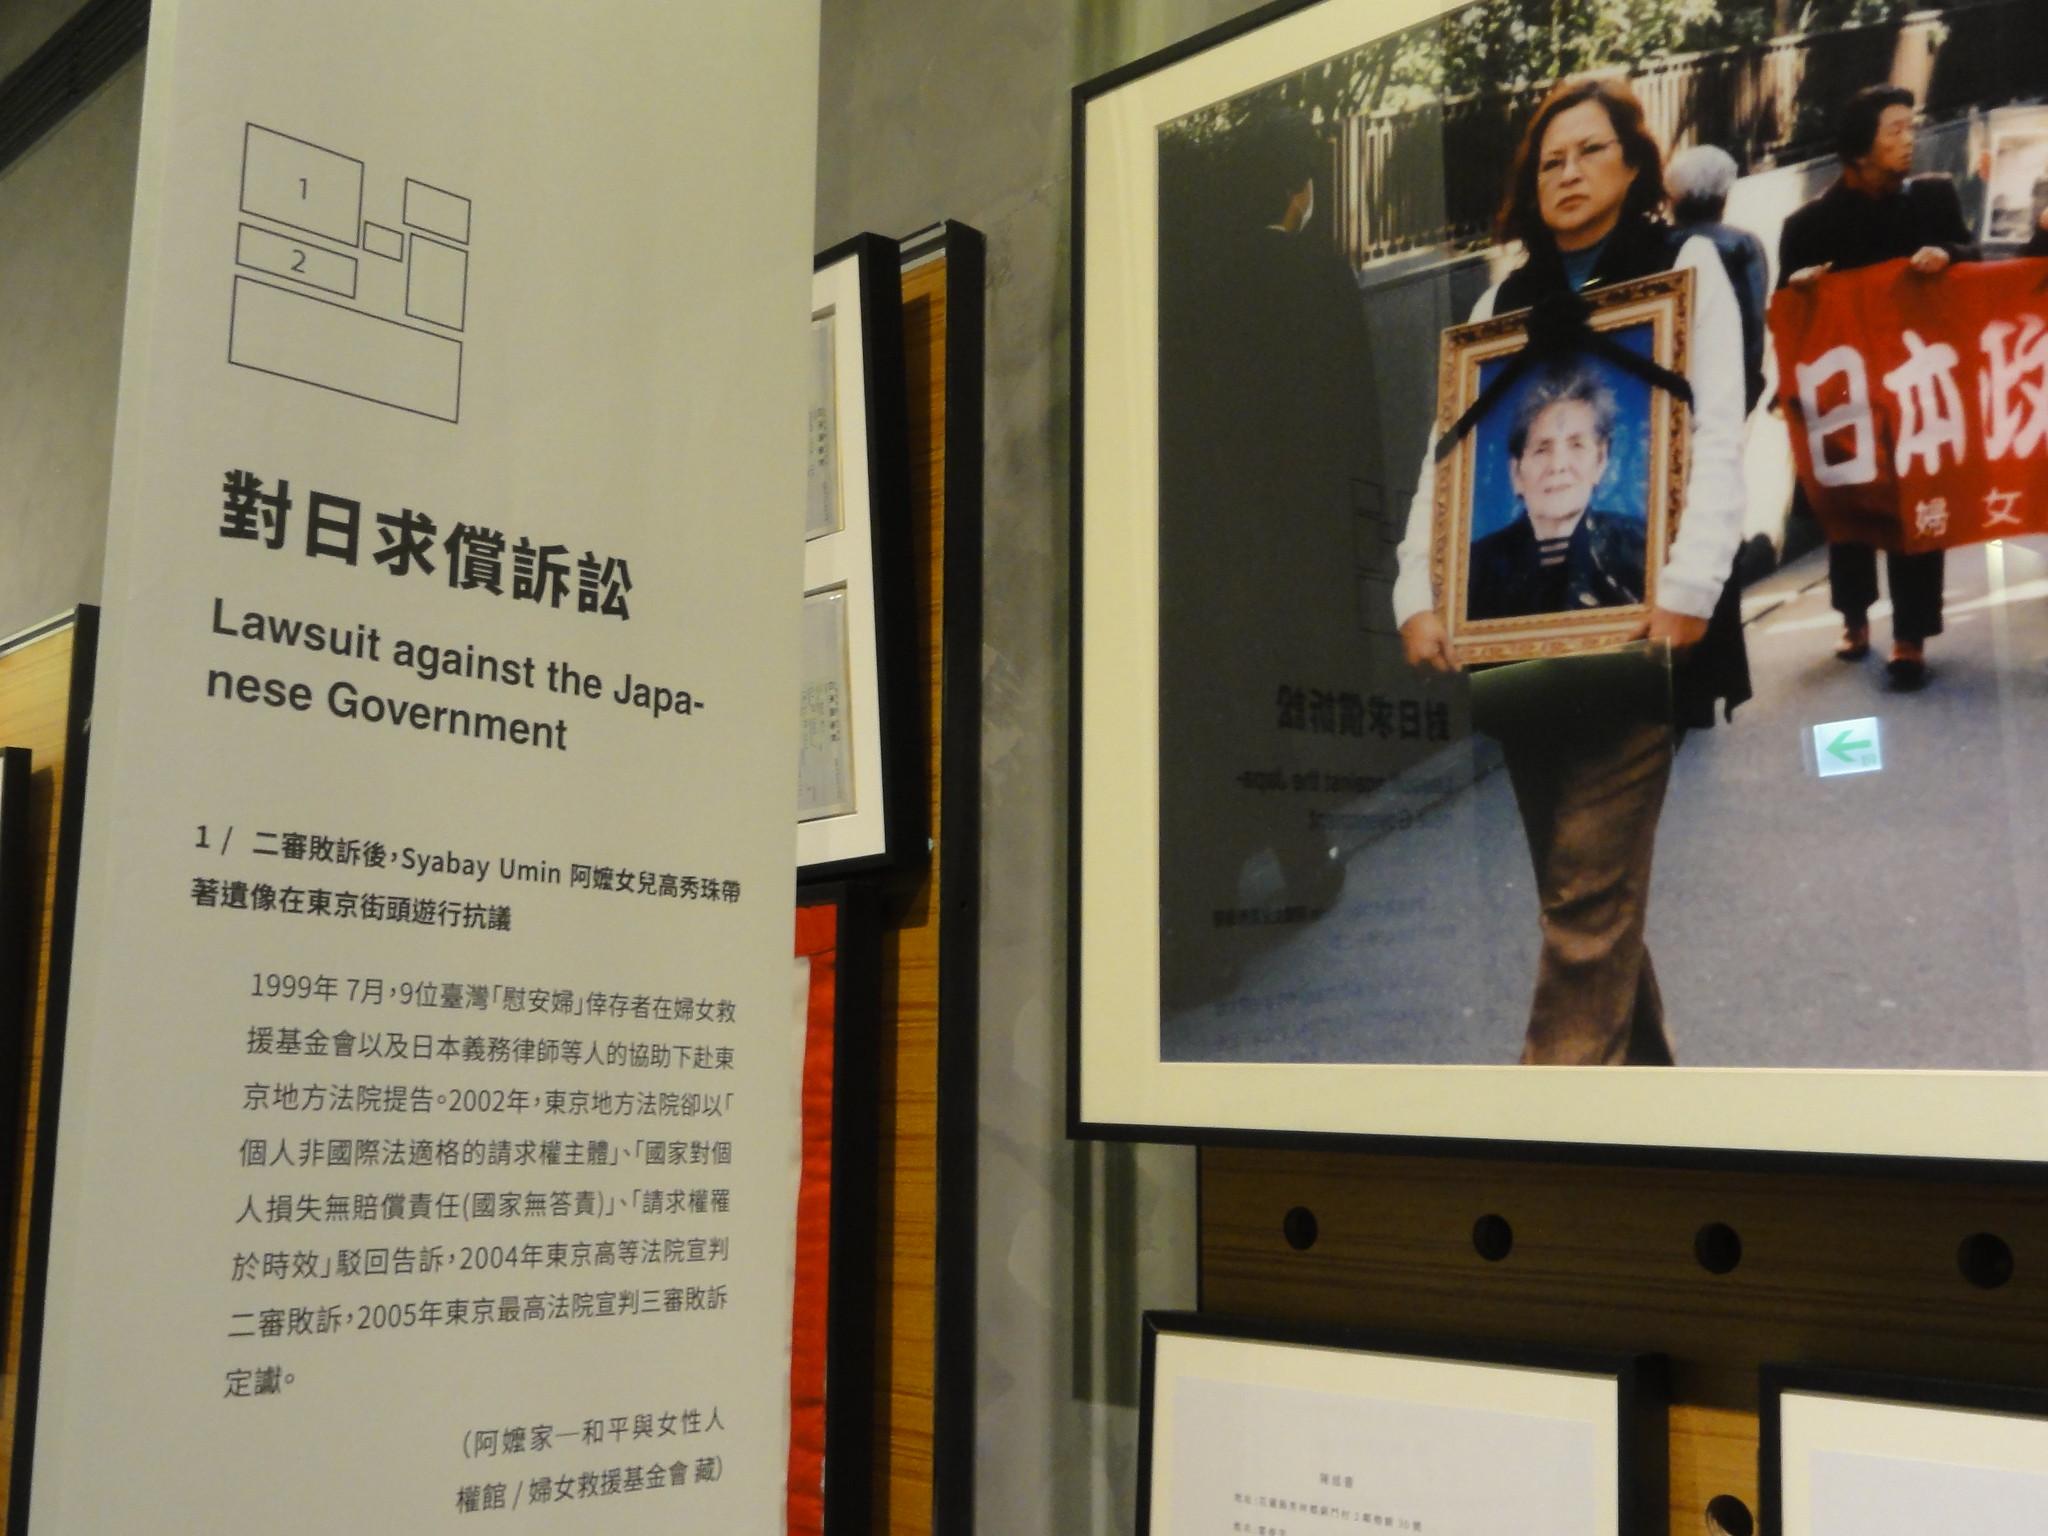 1999-2005年彩立方慰安妇对日求偿诉讼以败诉告终。(摄影:张智琦)